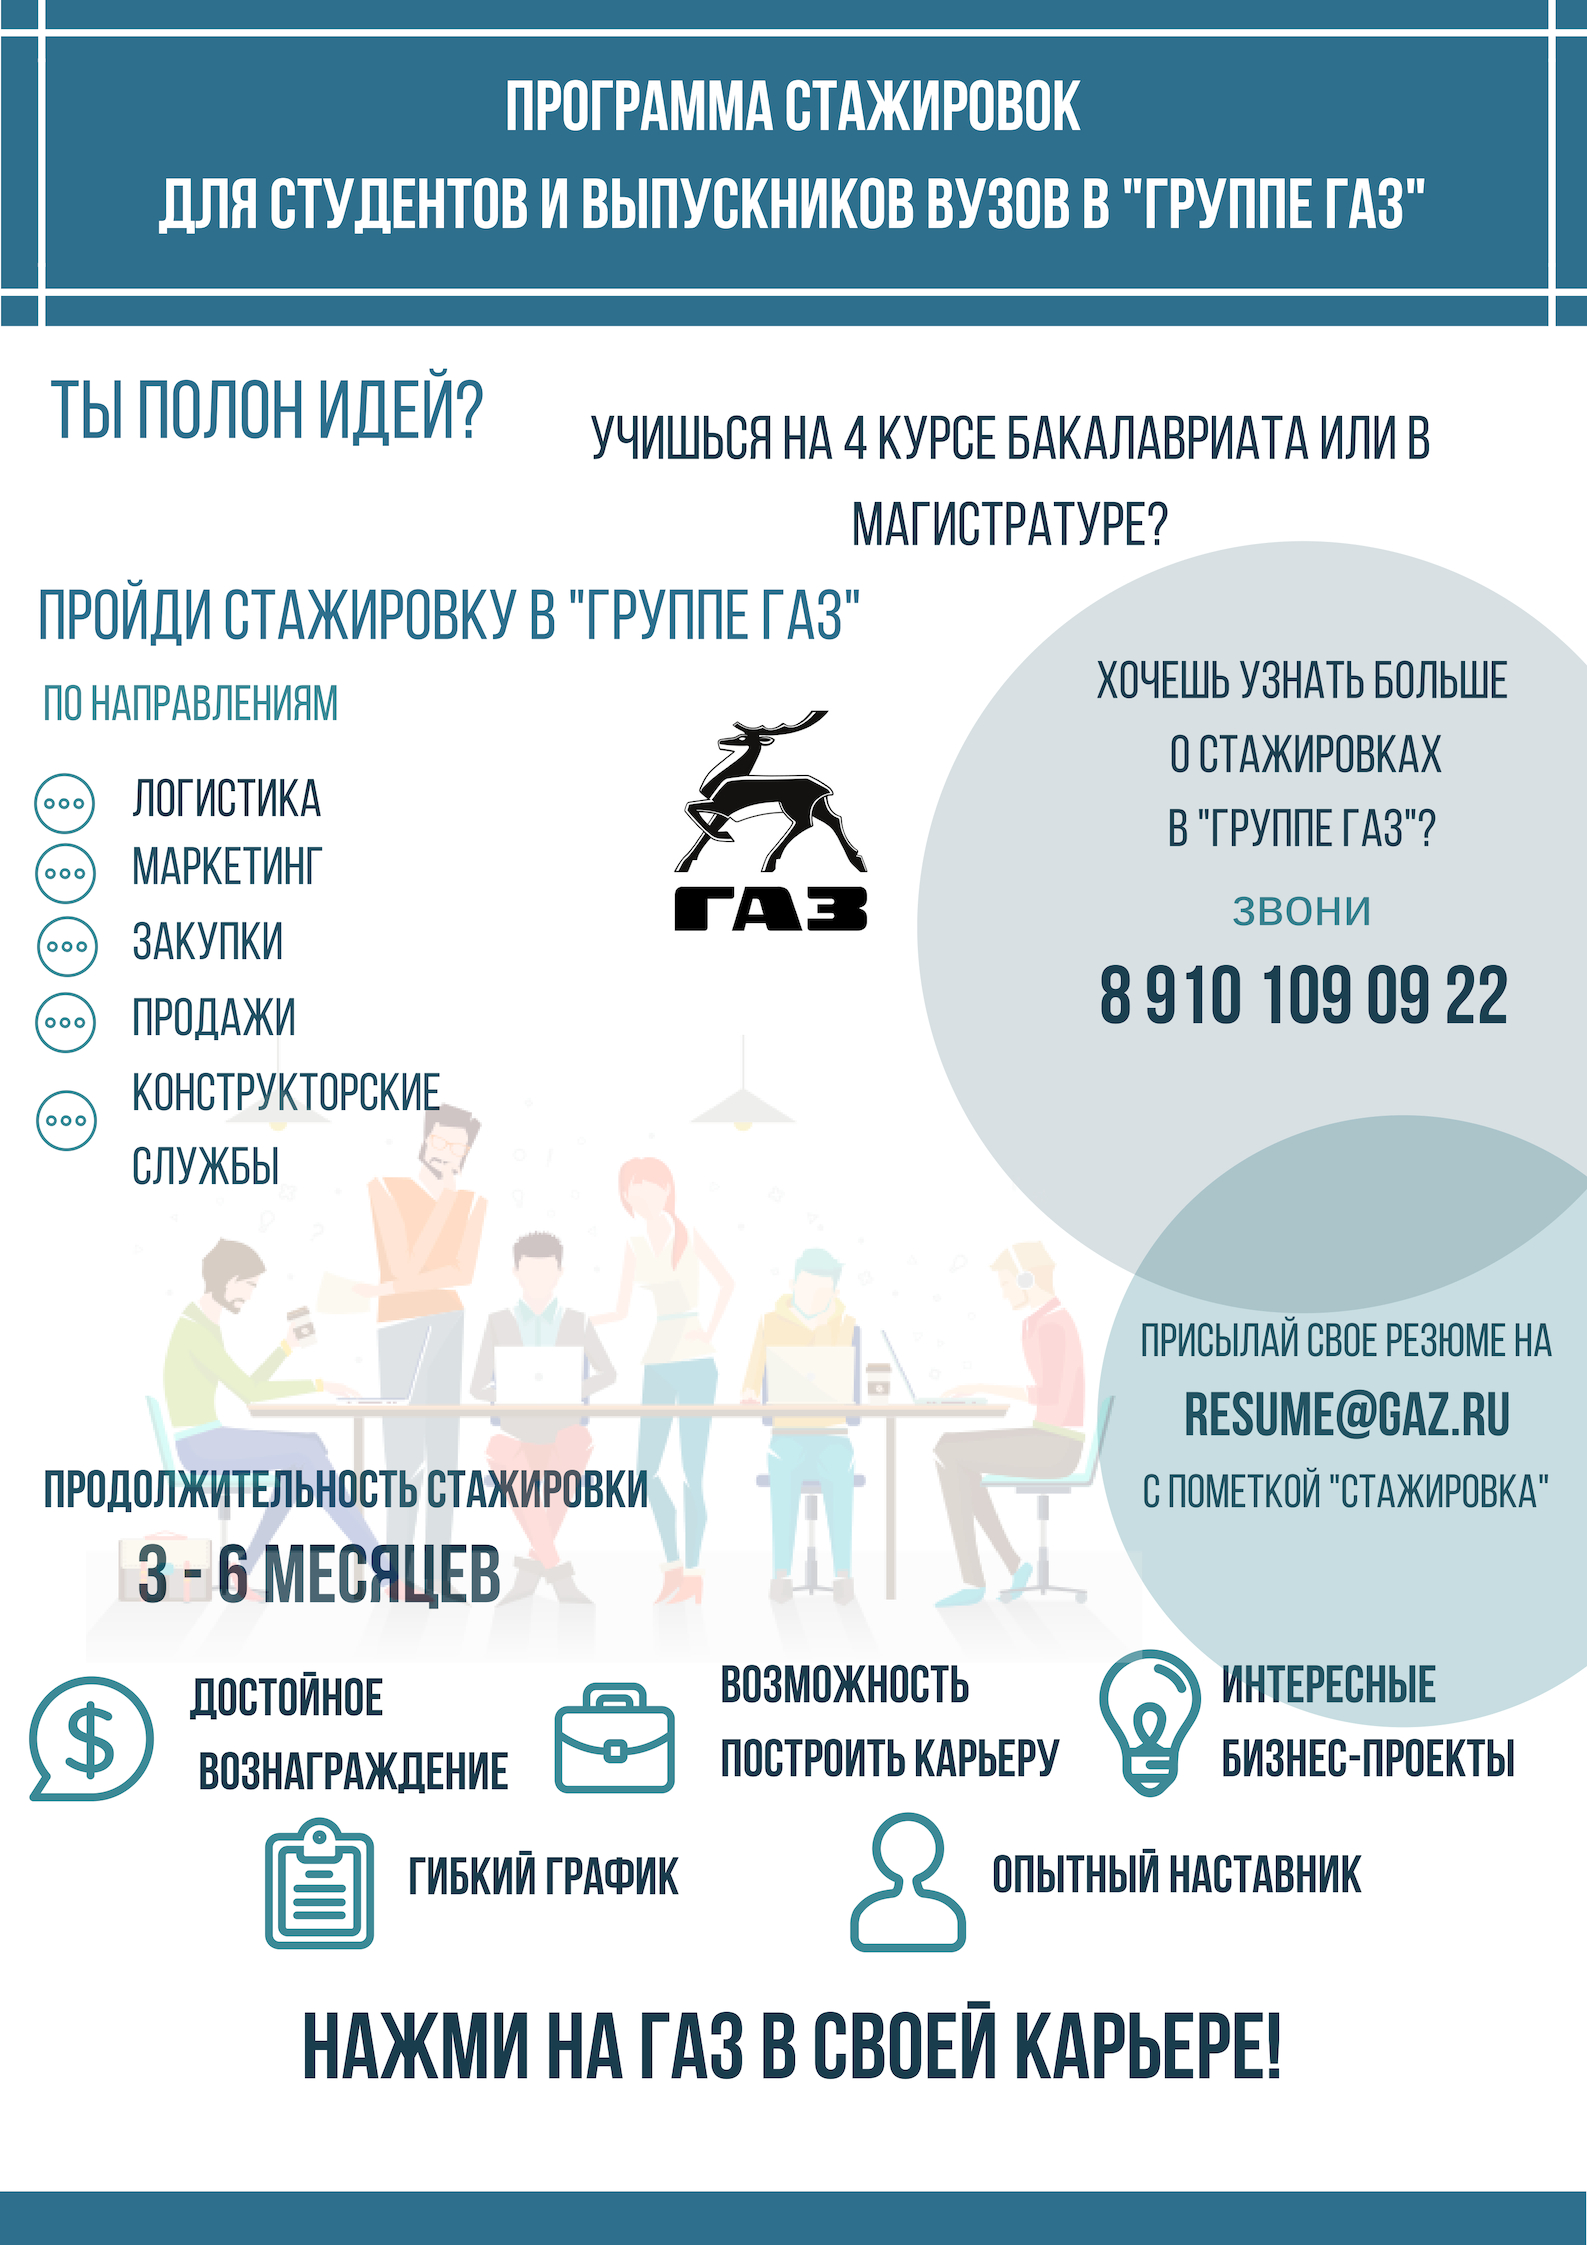 программа стажировок для студентов и выпускников вузов в _группе газ_